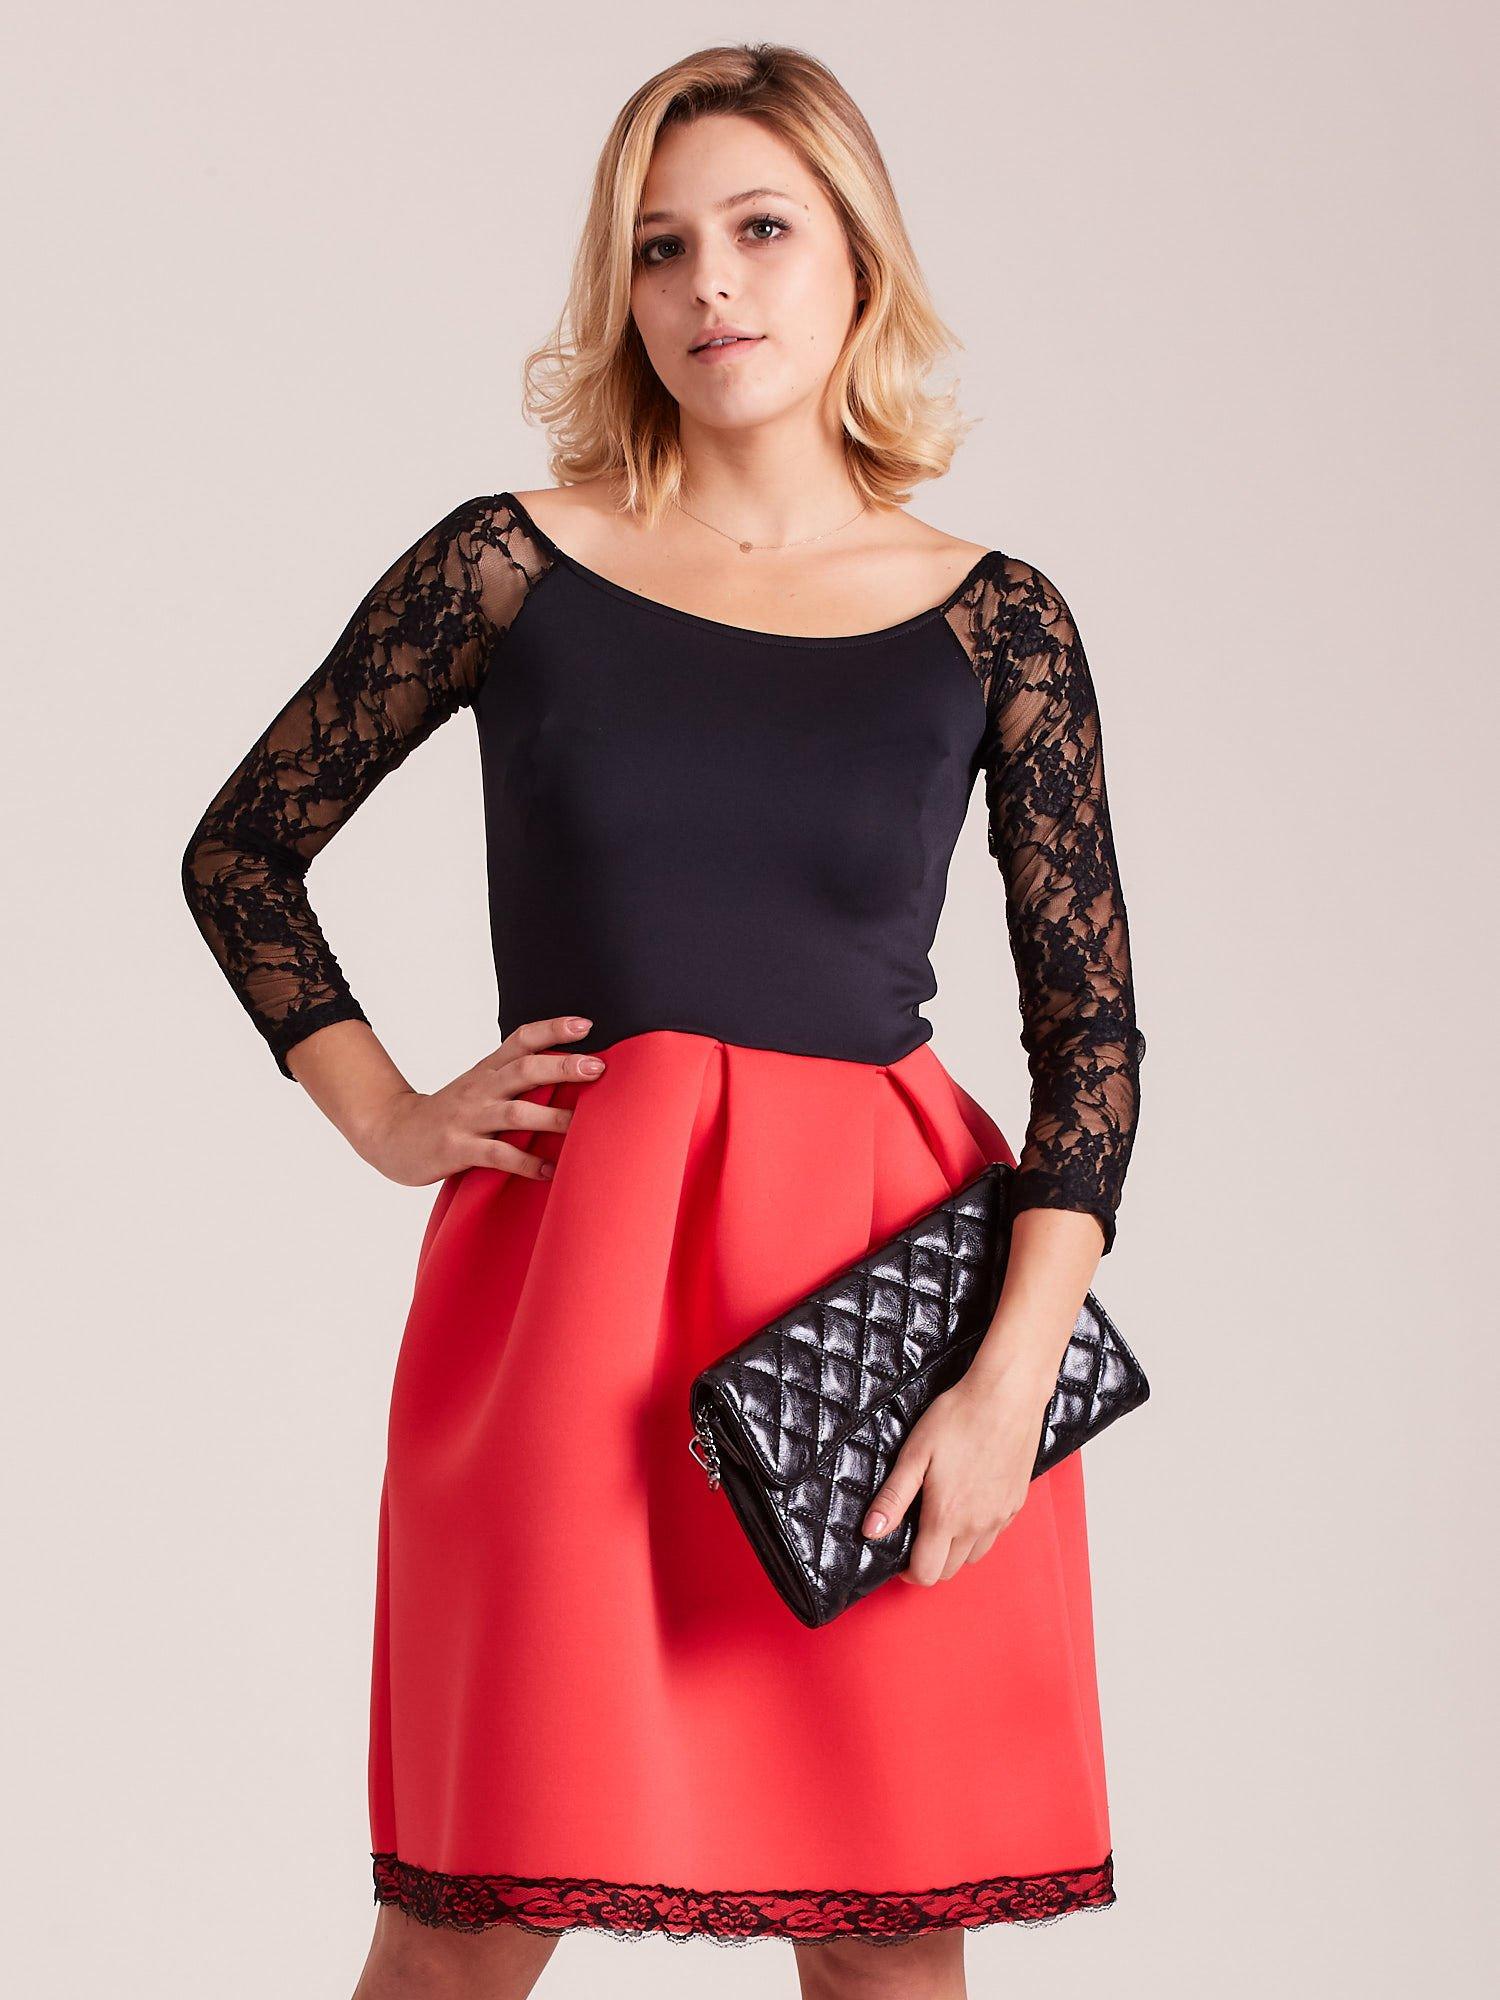 deddbc626b Czerwono-czarna sukienka z koronkowymi rękawami - Sukienka ...